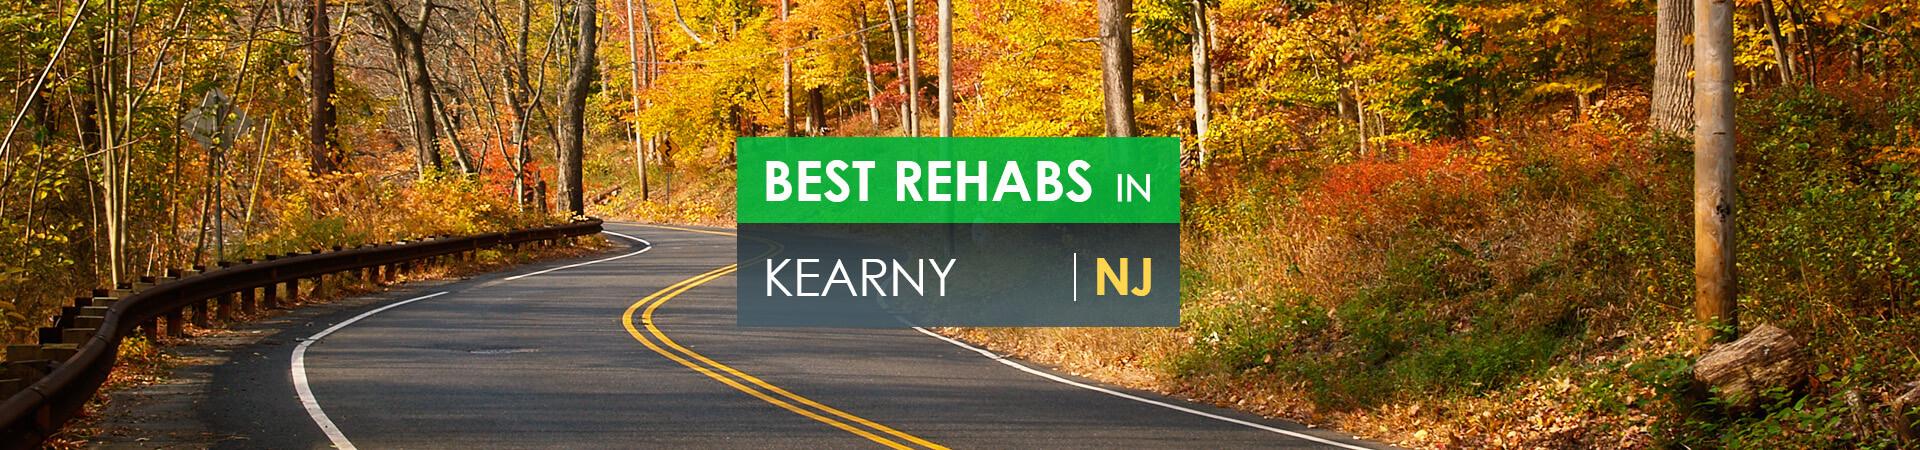 Best rehabs in Kearny, NJ